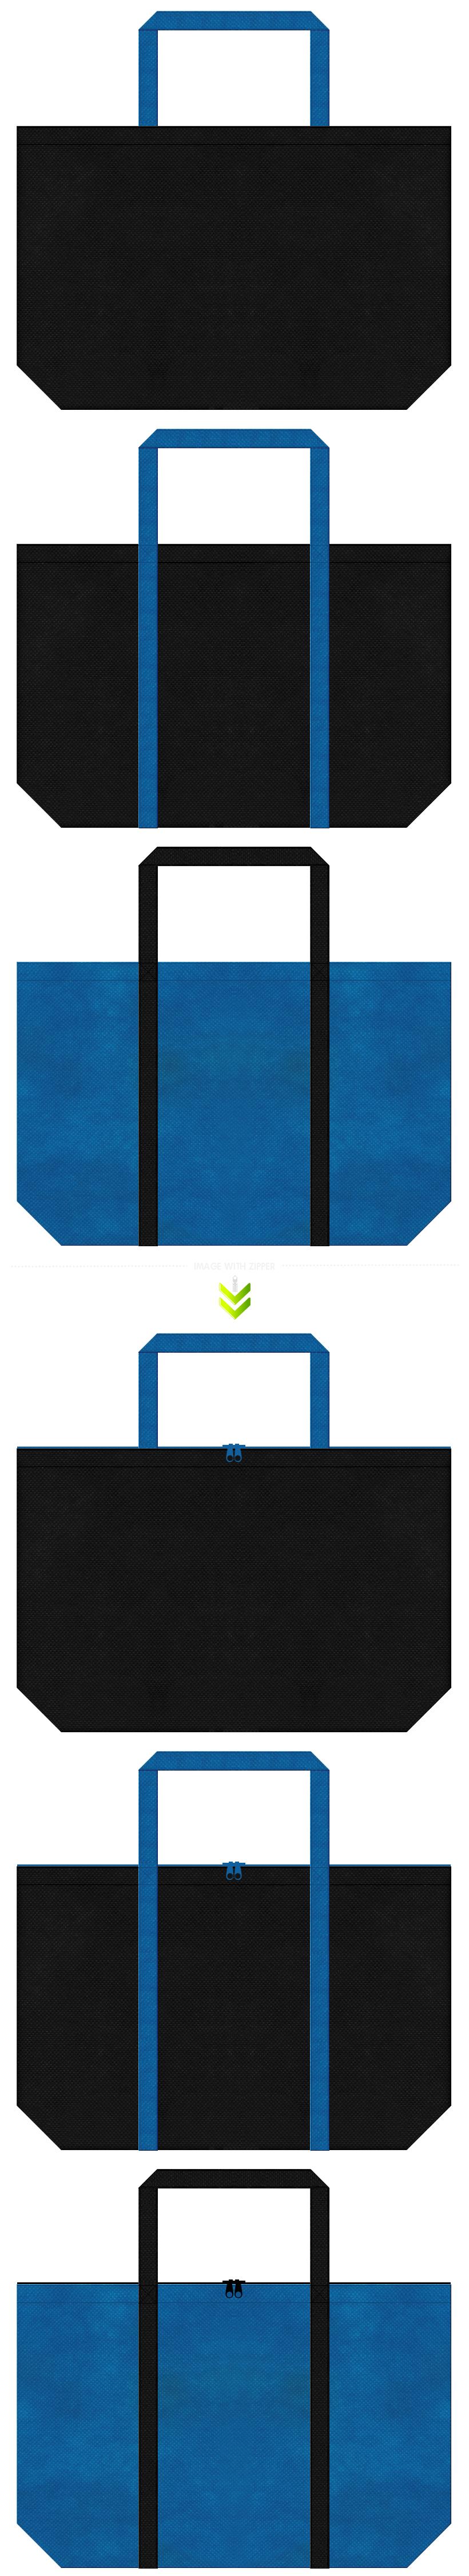 黒色と青色の不織布エコバッグのデザイン。スポーツイベントのノベルティにお奨めの配色です。